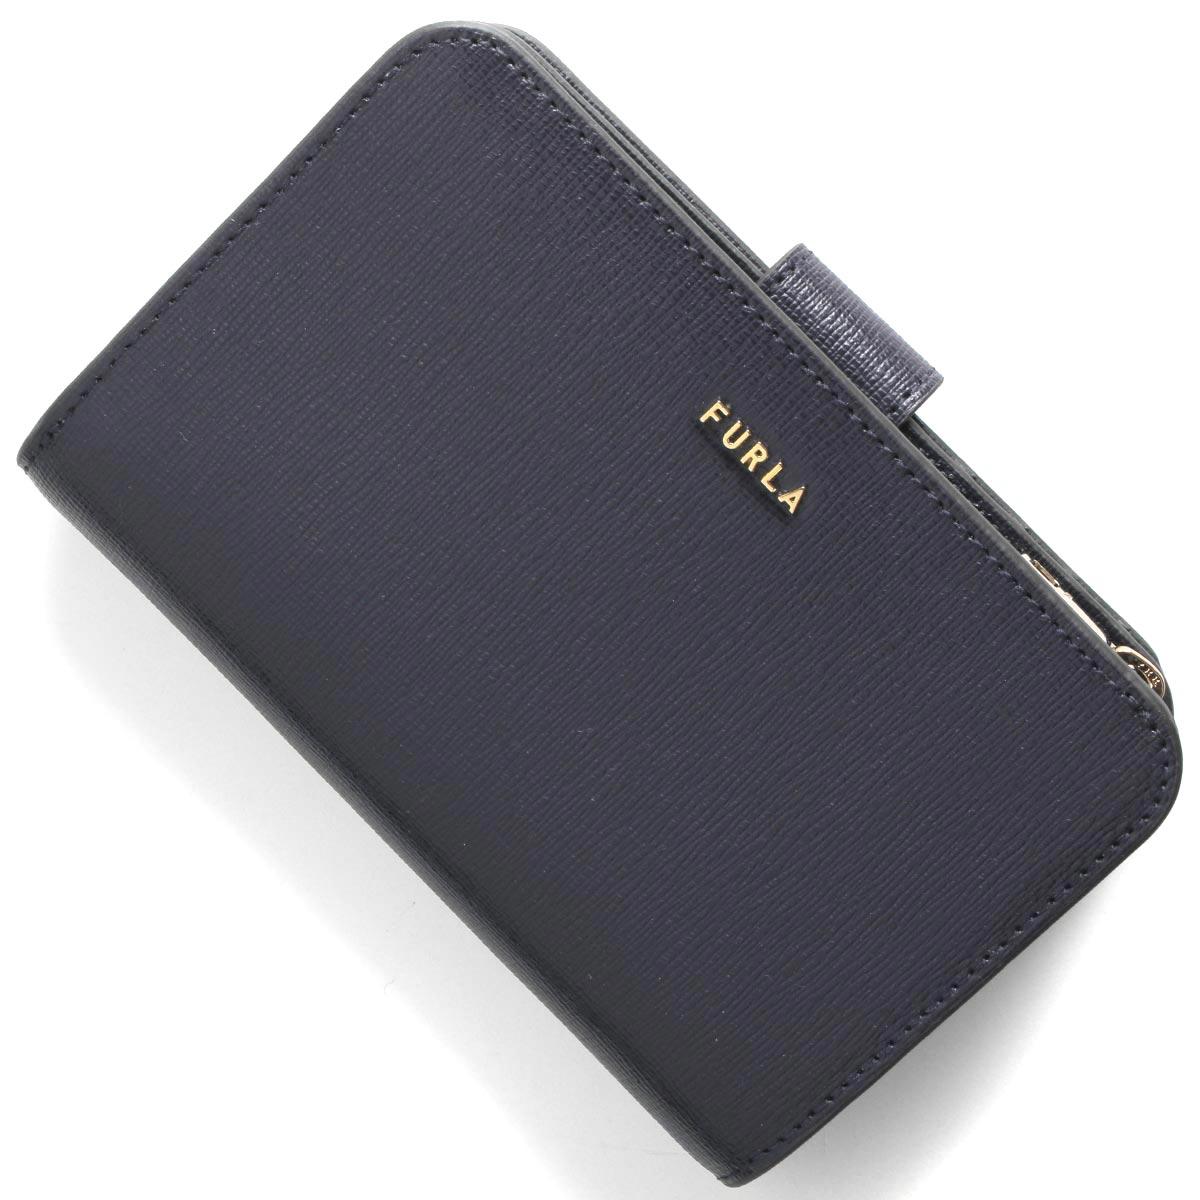 フルラ 二つ折り財布 財布 レディース バビロン ミディアム オセアノネイビー PCX9 B30 07A 1057134 FURLA